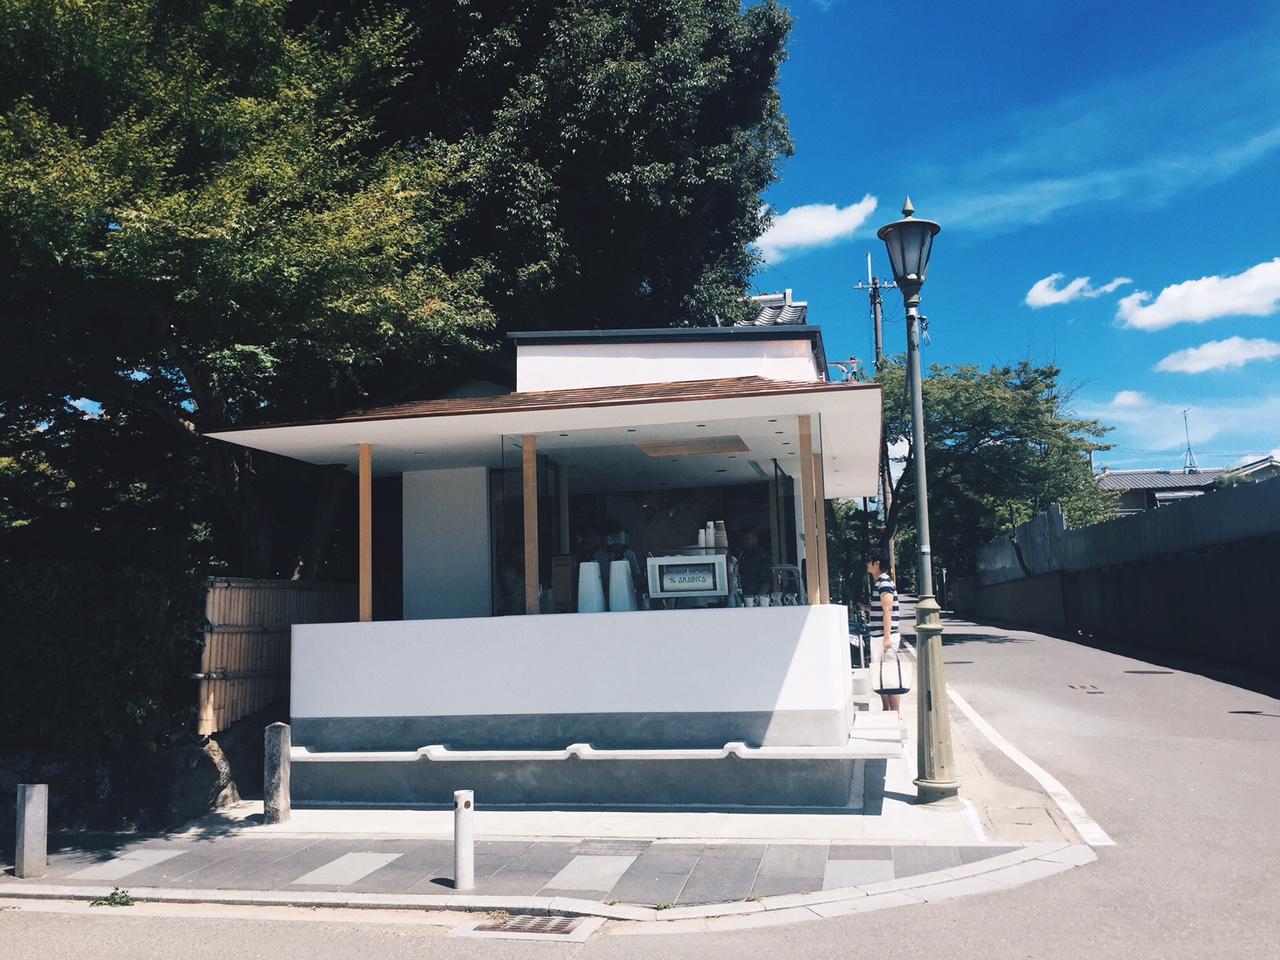 コーヒー、ロケーション、空間 全てが最高なアラビカ 京都嵐山 画像